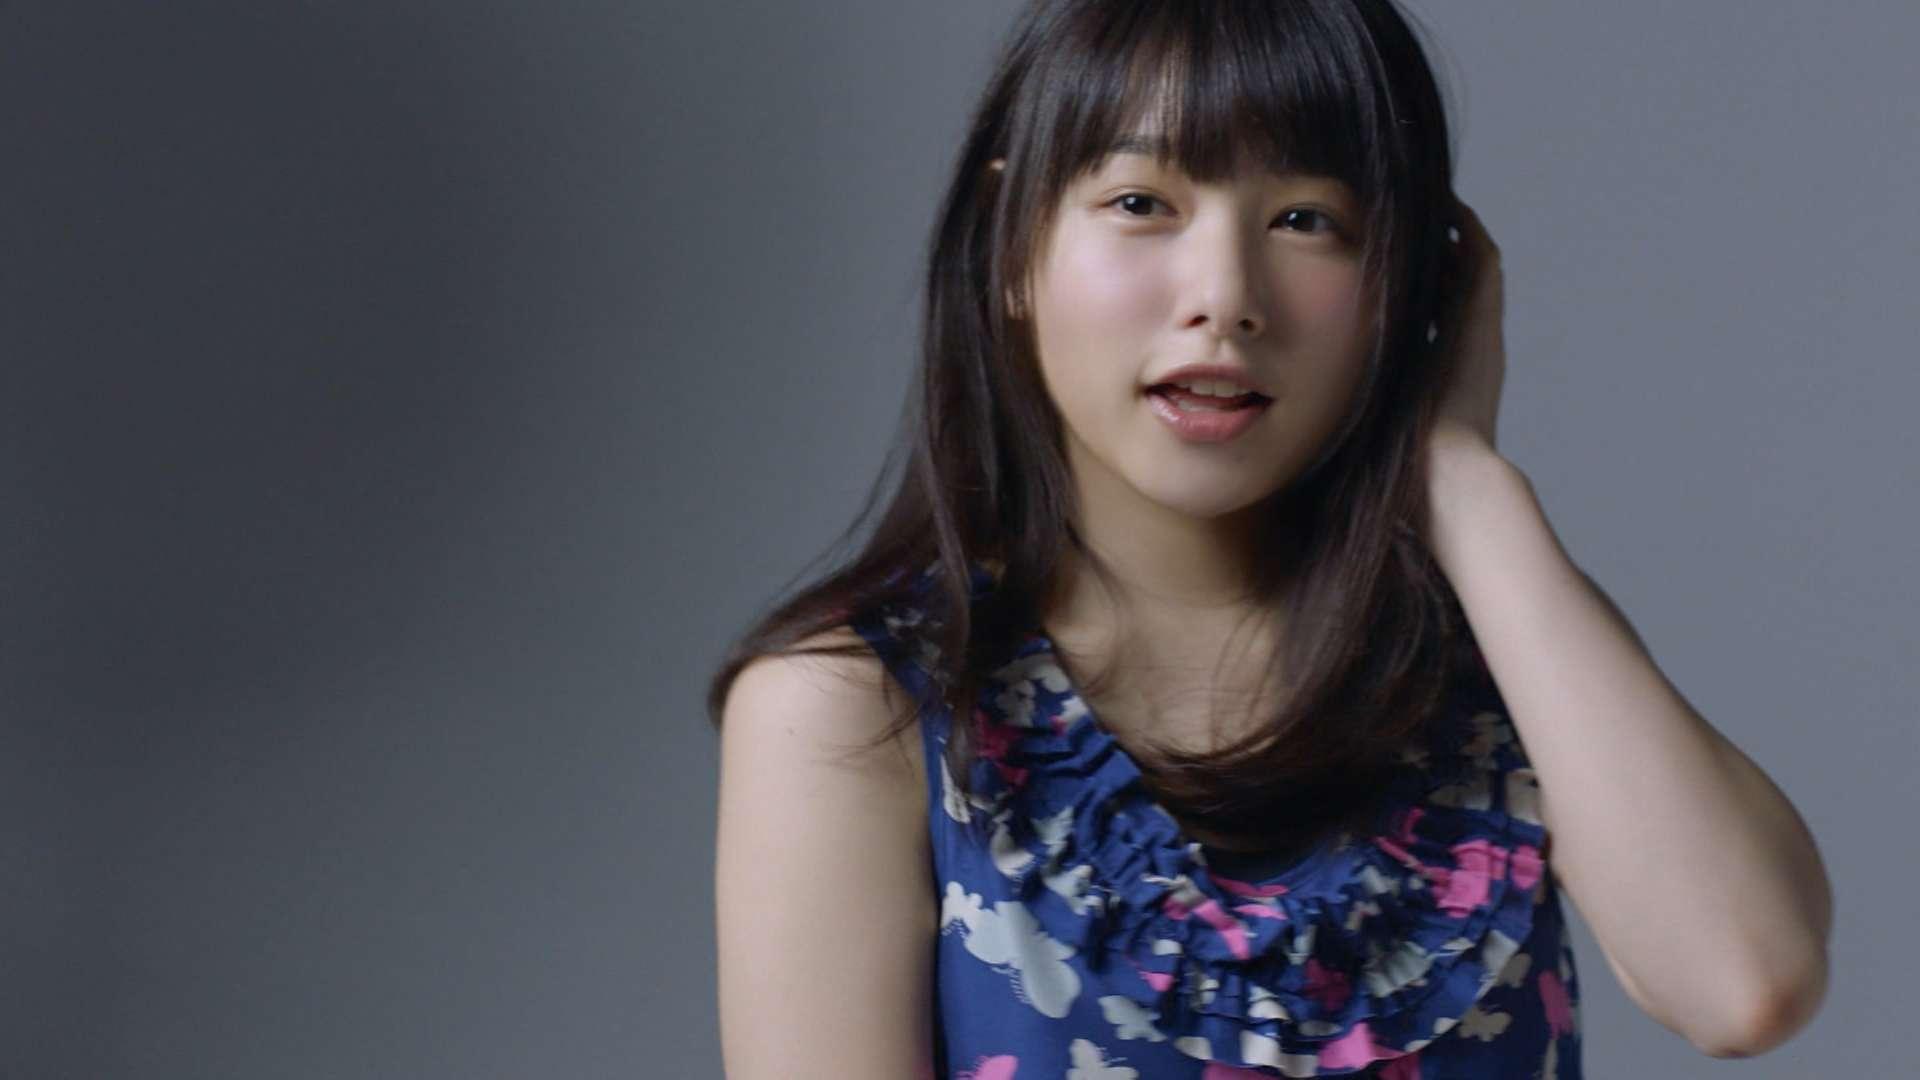 桜井日奈子 画像7